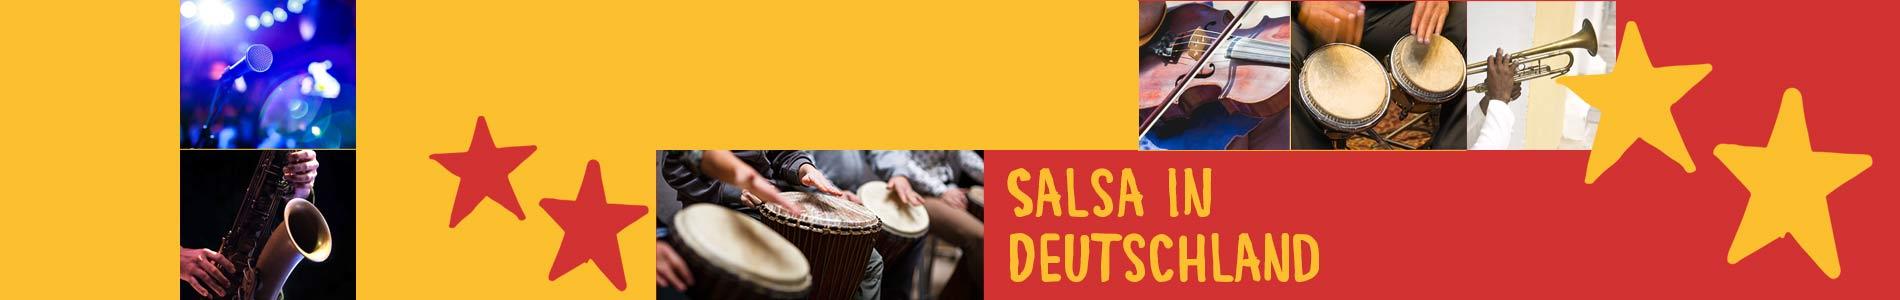 Salsa in Dersekow – Salsa lernen und tanzen, Tanzkurse, Partys, Veranstaltungen